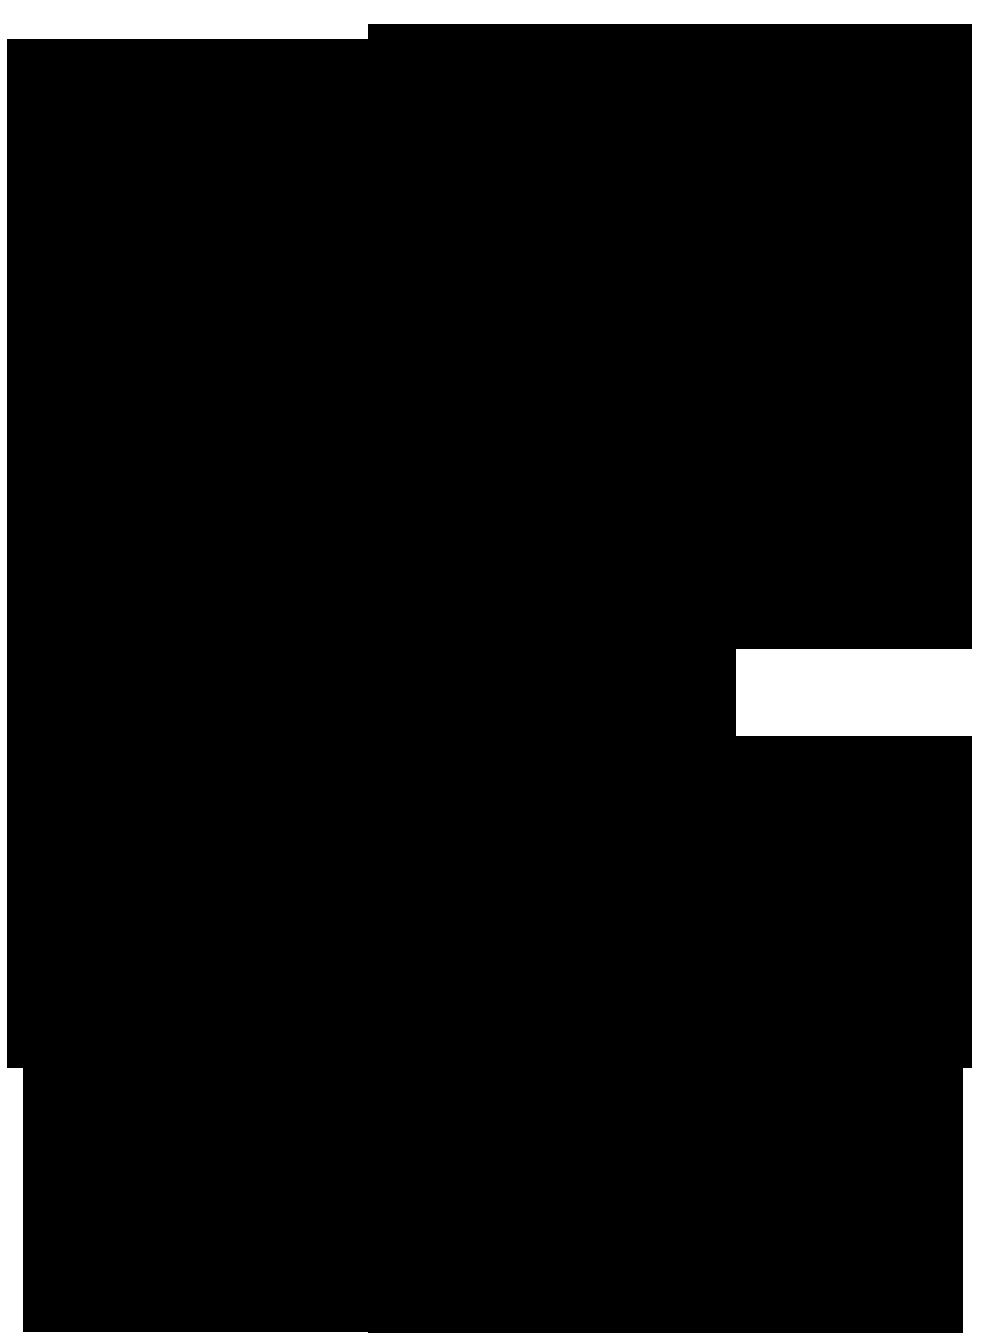 АКТ № ___ НА СПИСАННЯ ОСНОВНИХ ЗАСОБІВ (Сільгоспоблік, форма № ОЗСГ-3)